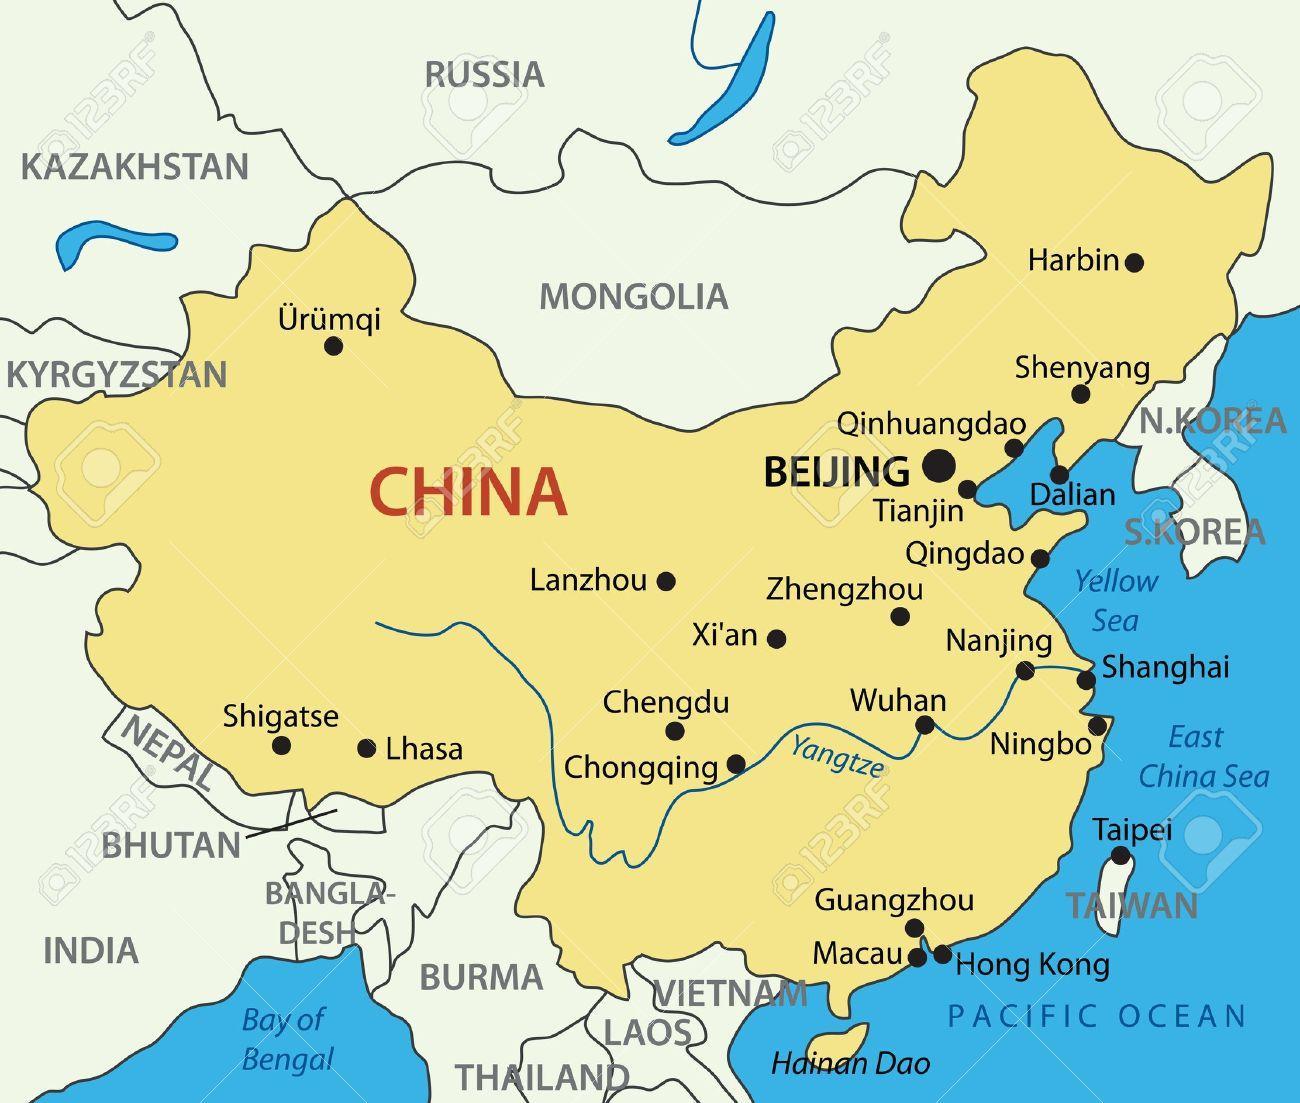 kart over kina Kart over Kina gulehavet   gulehavet Kina kart (Øst Asia   Asia) kart over kina